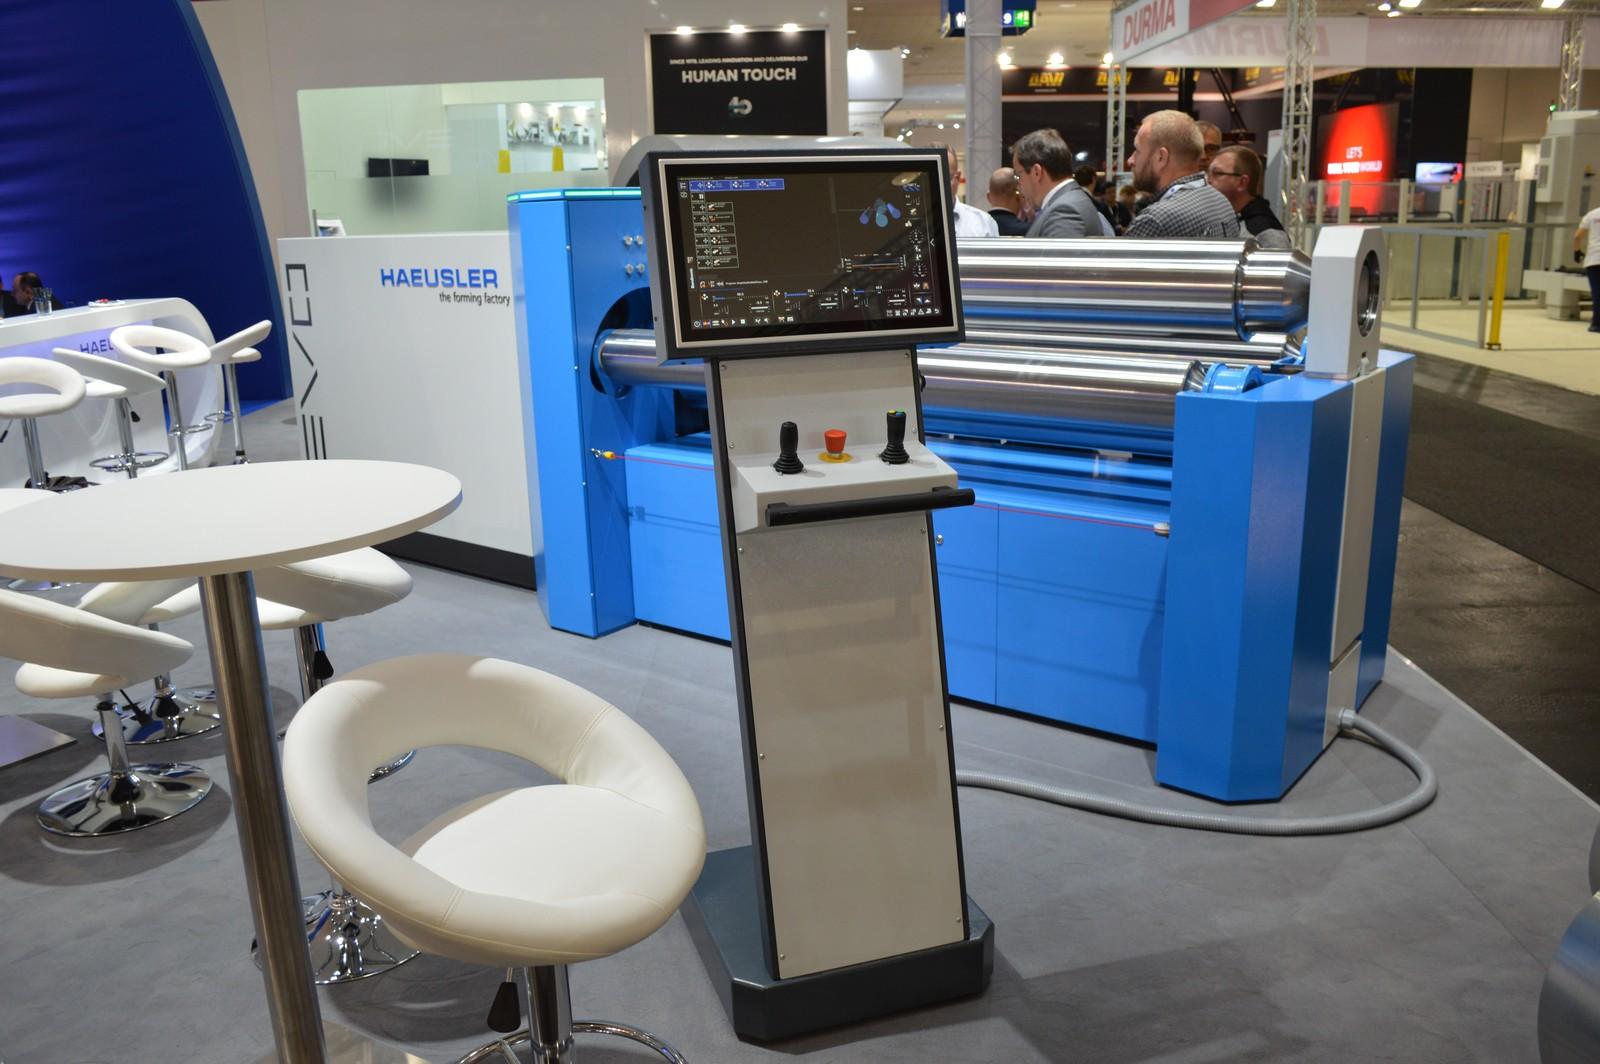 Hausler stellt die Blechbiegemaschine EVO vor, die neben einer intelligenten Steuerung auch über effiziente Antriebe und eine veriable Biegegeometrie verfügt.